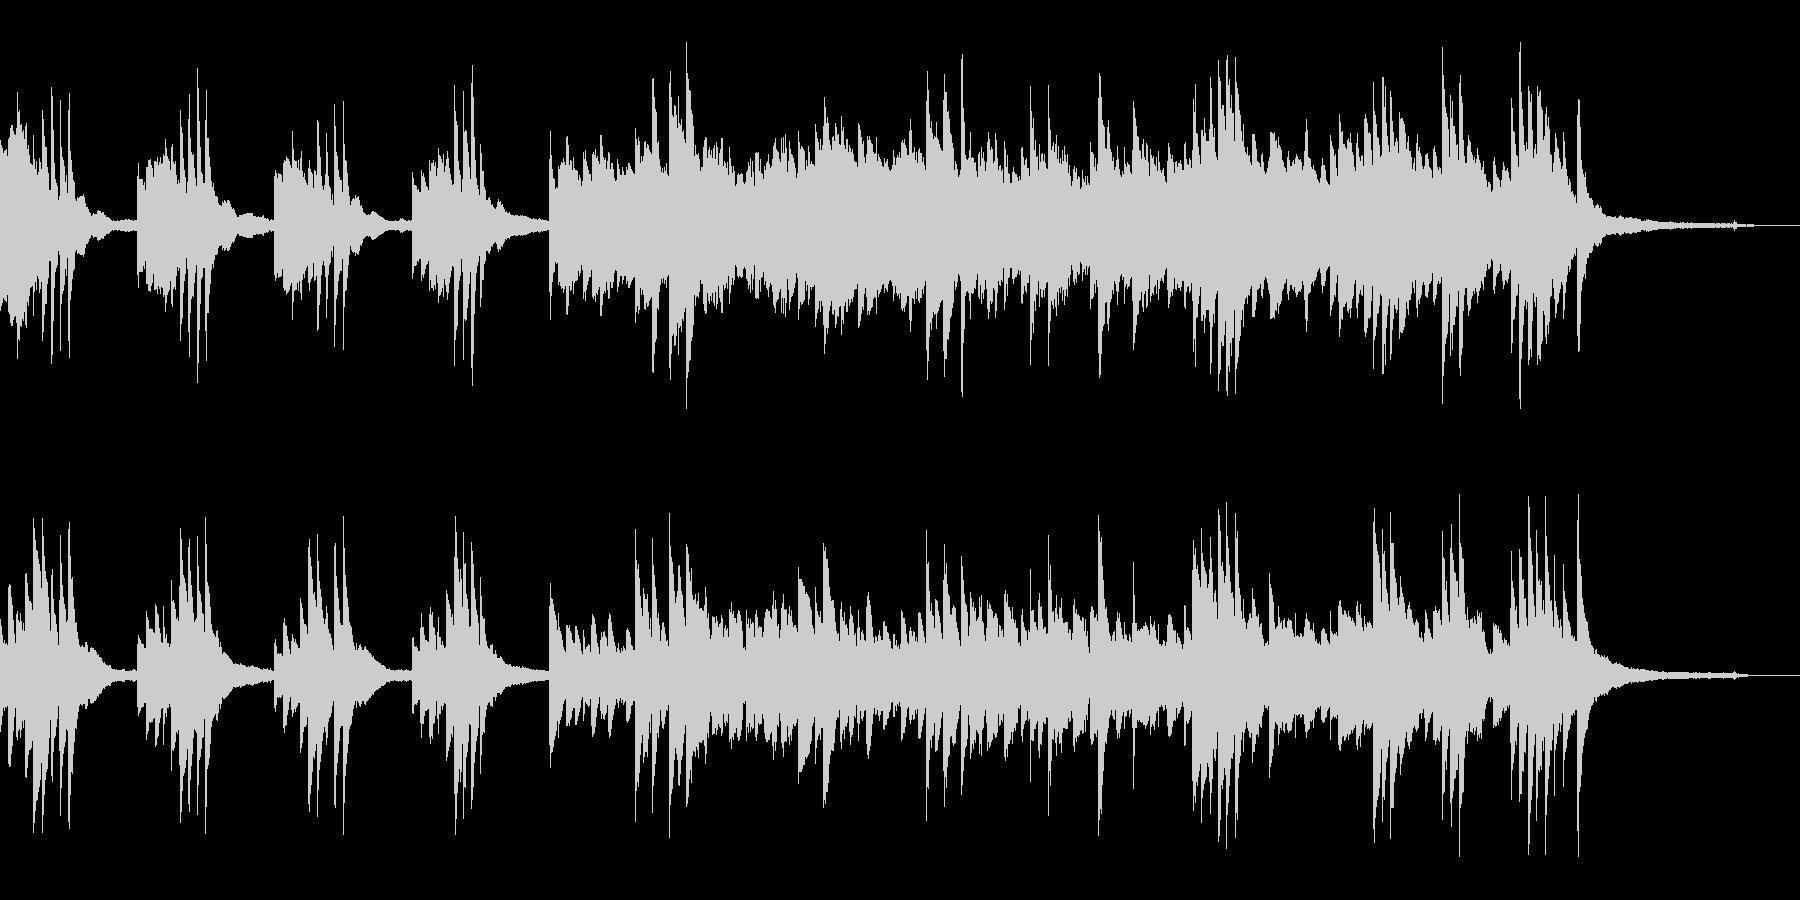 不穏な雰囲気のピアノ(暗い)の未再生の波形